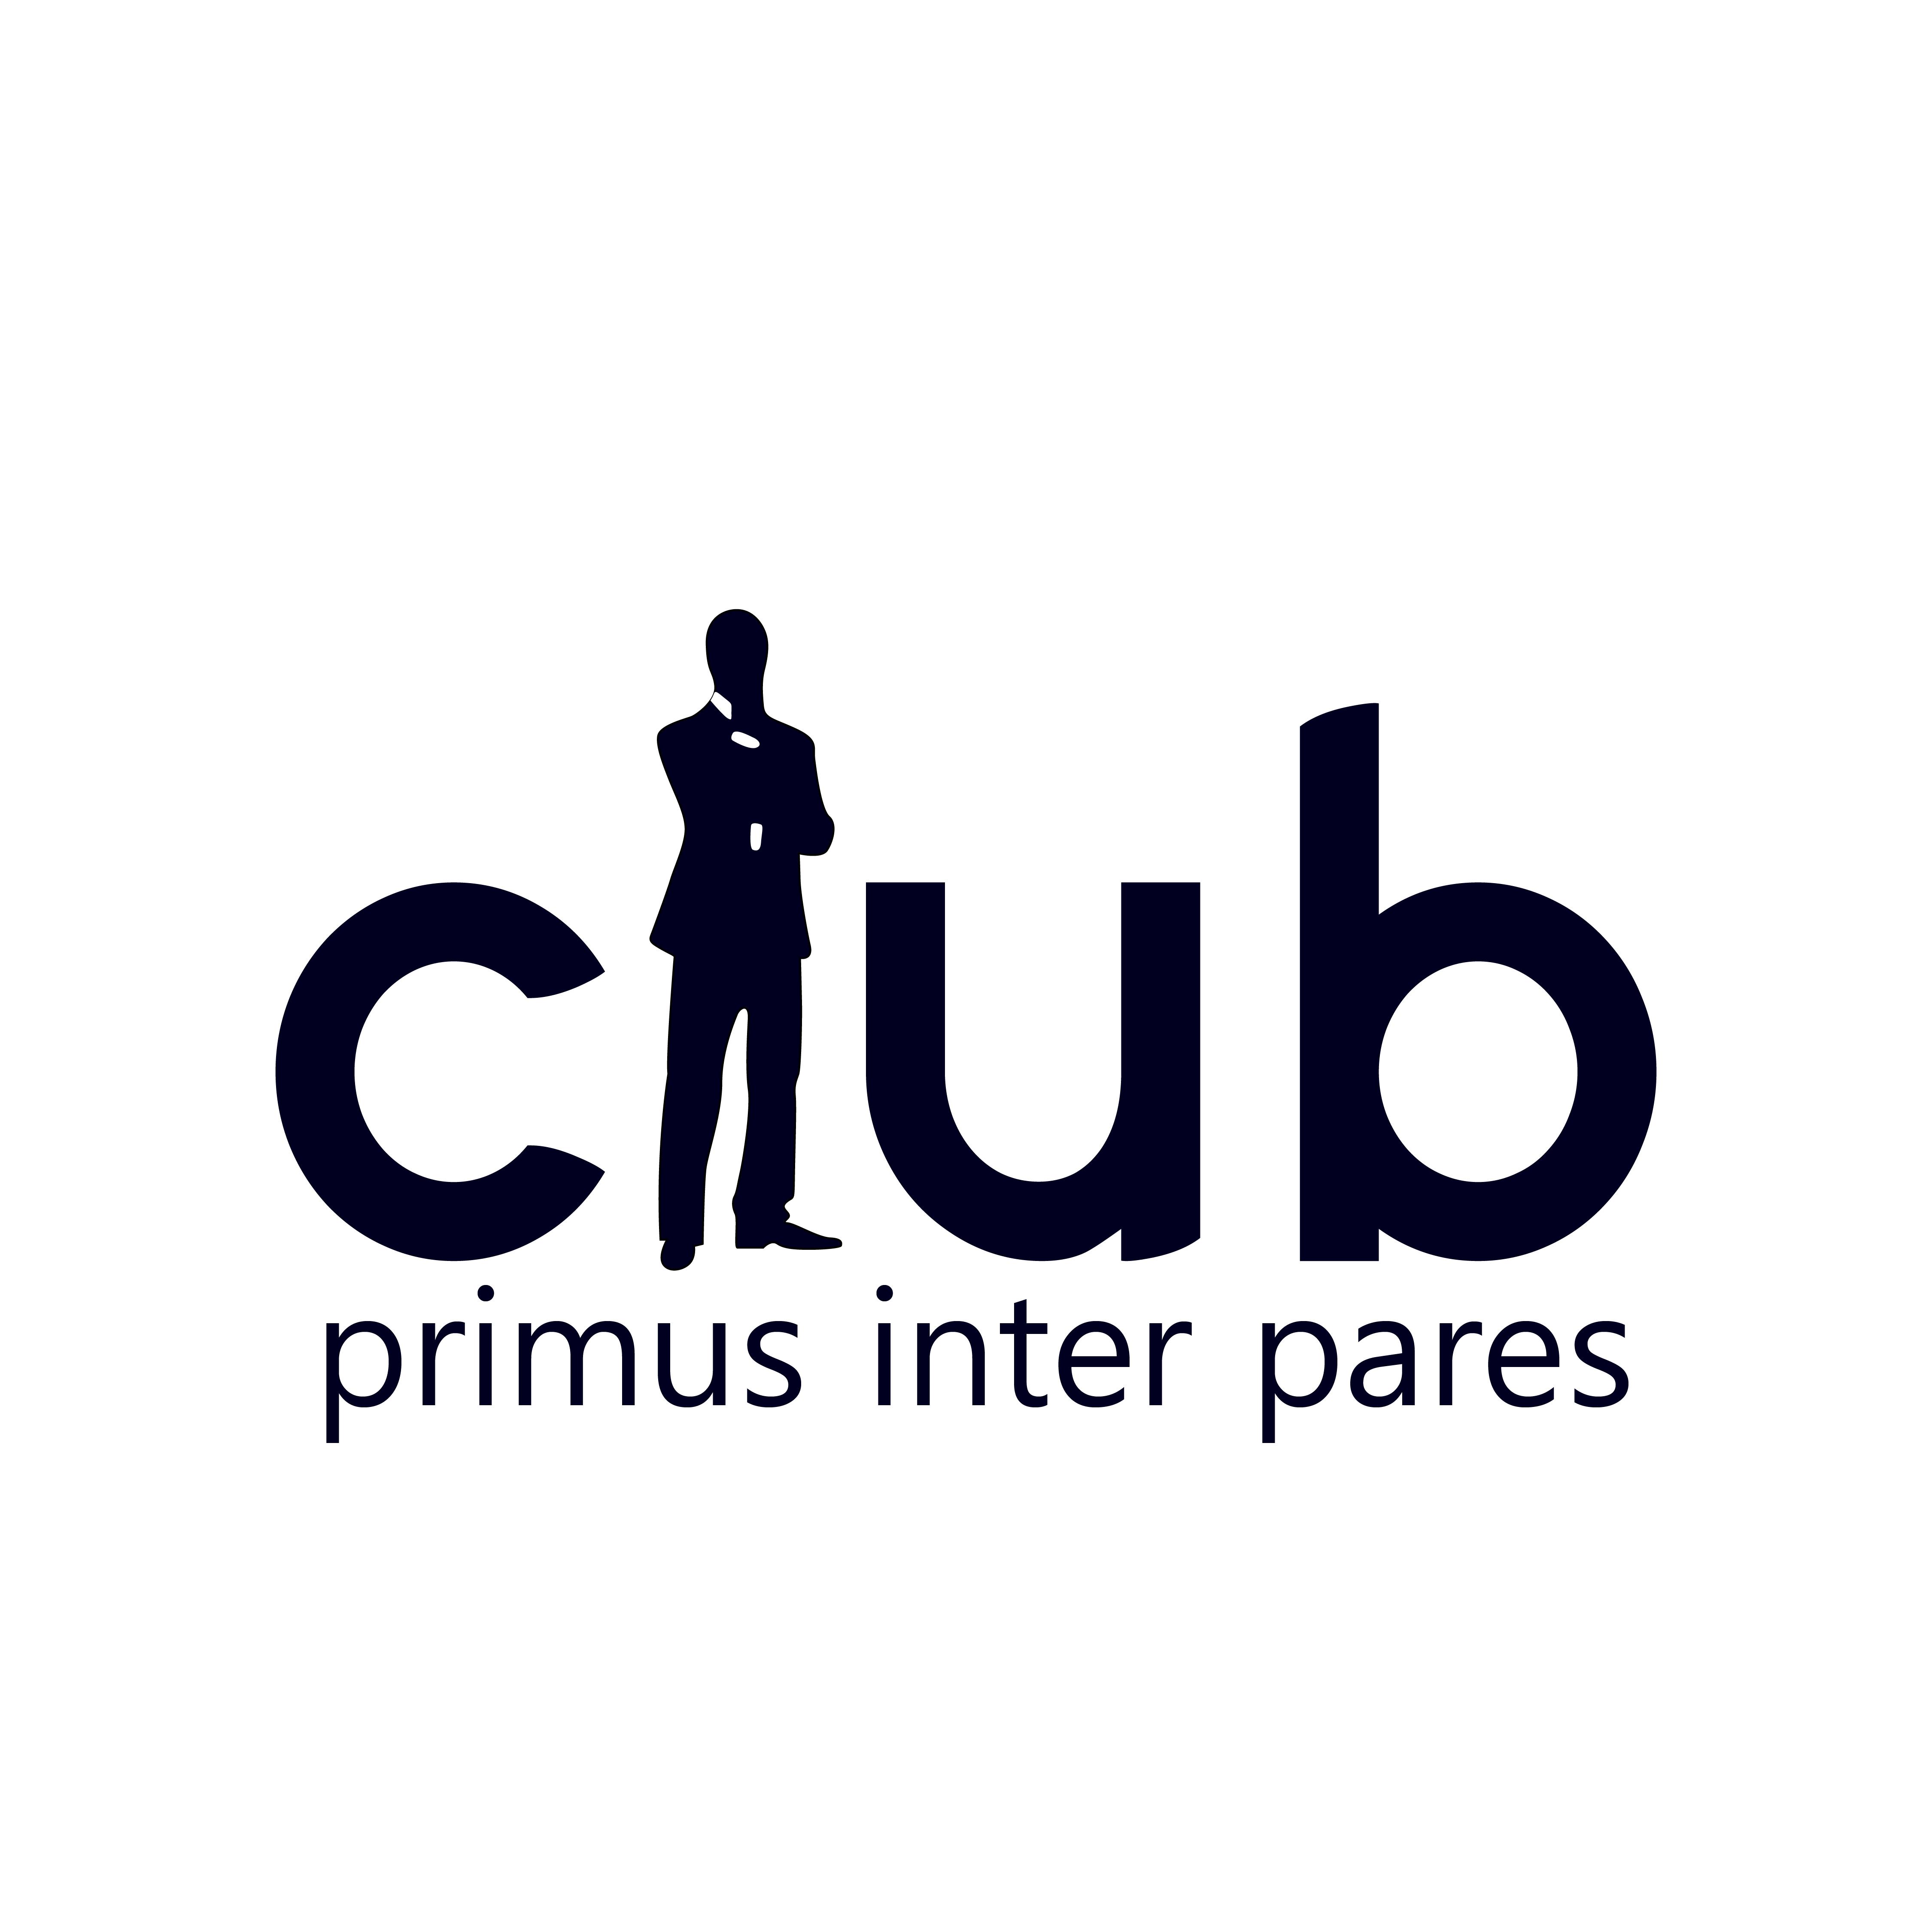 Логотип делового клуба фото f_4225f88416d3eeaa.jpg